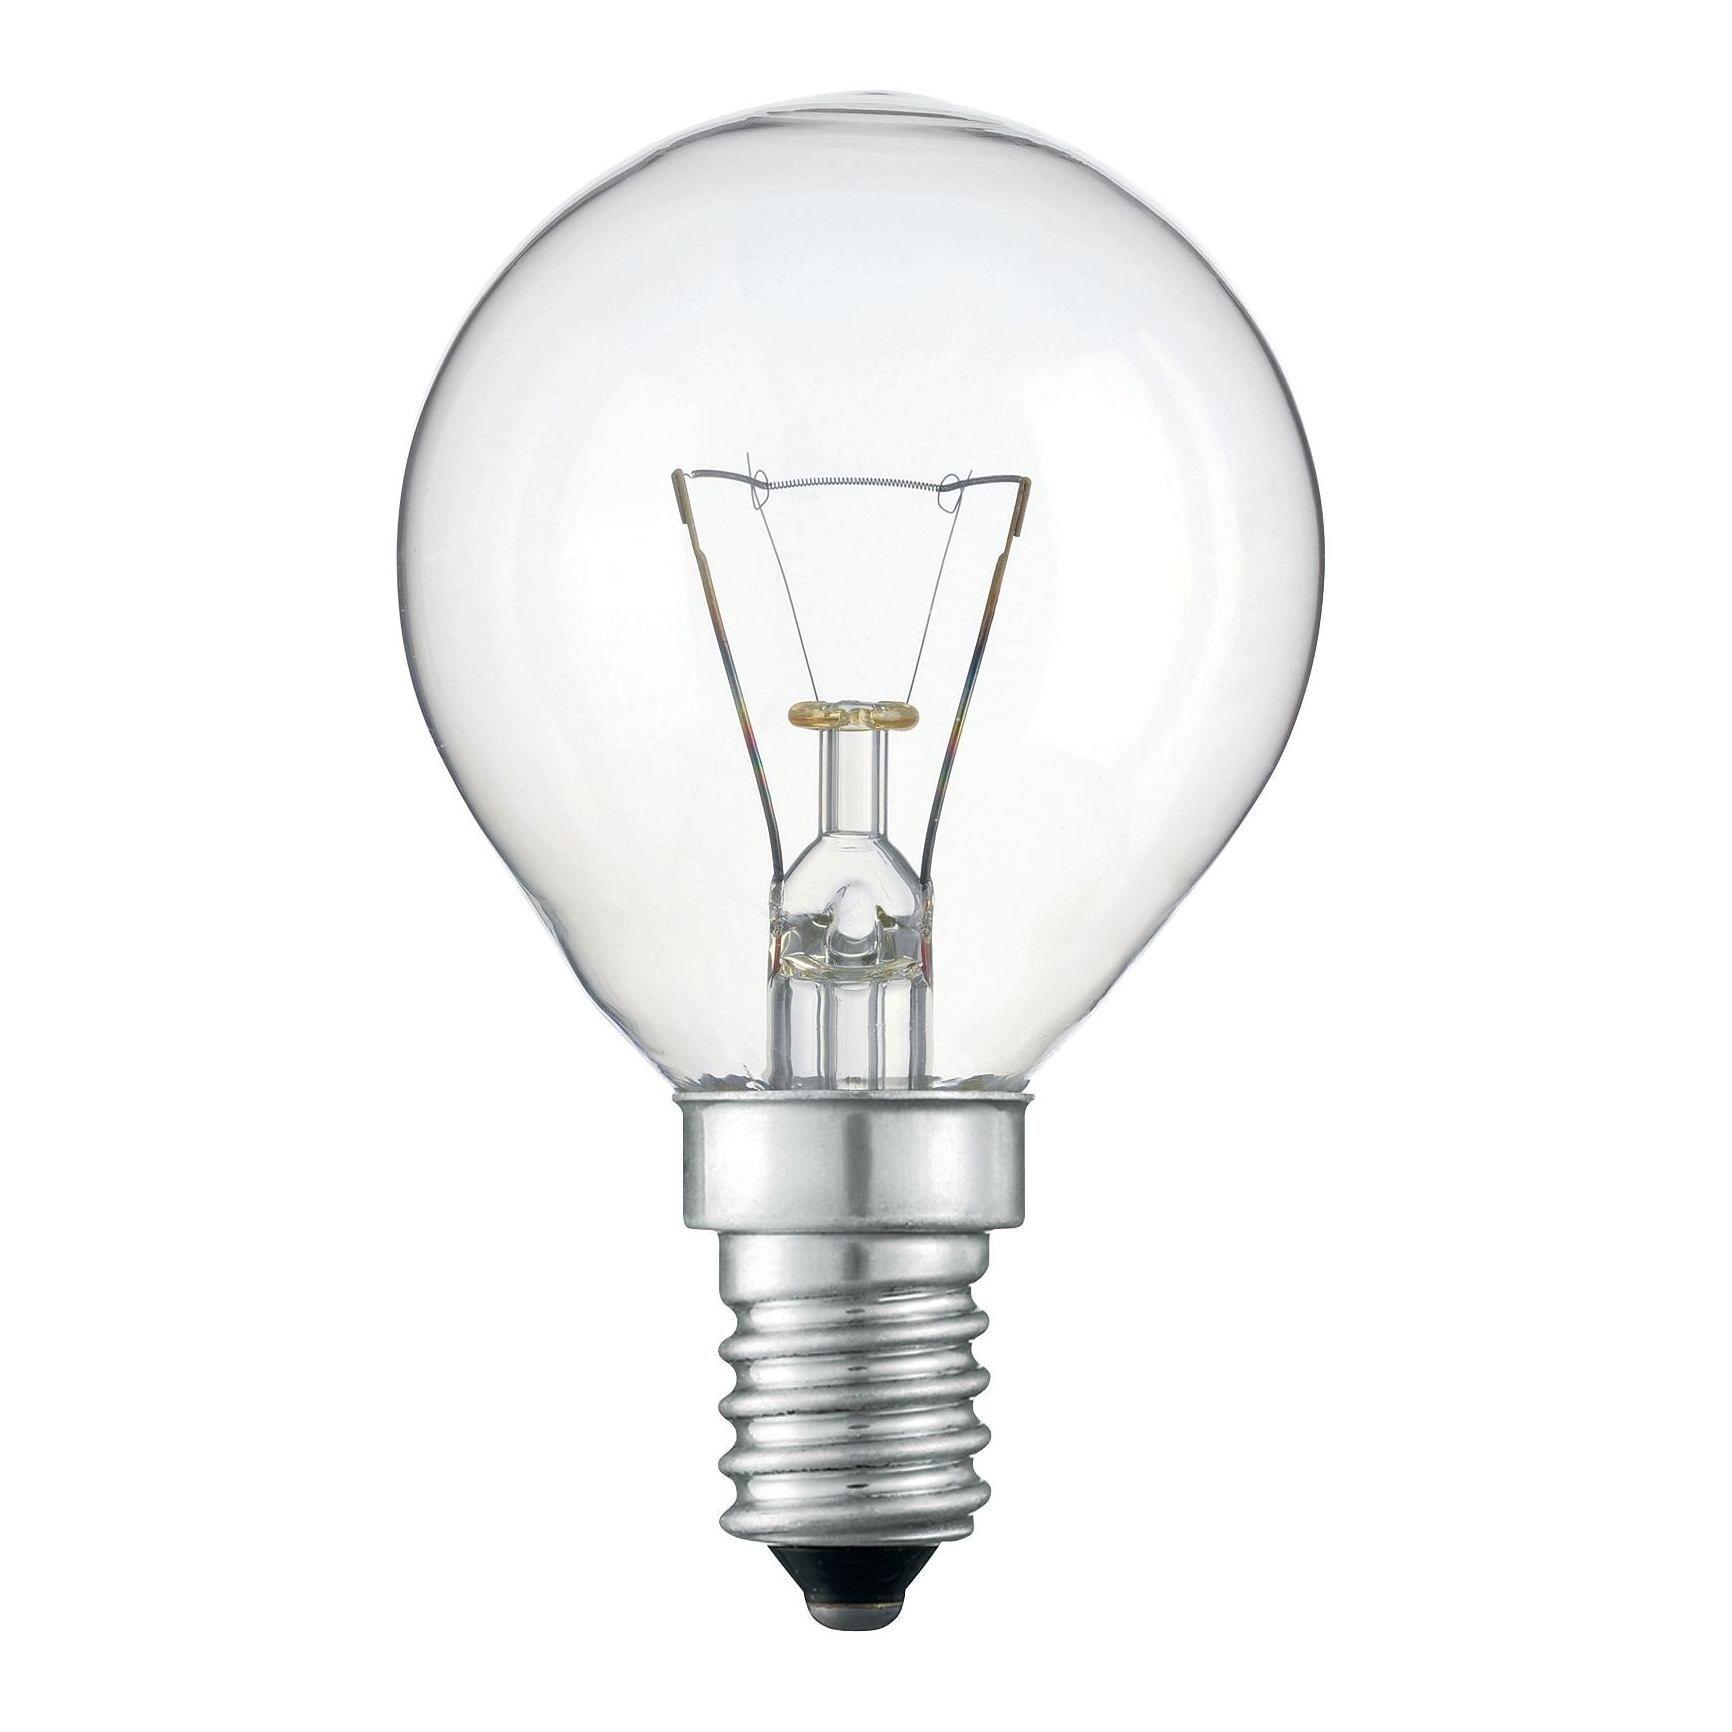 Купить Лампа накаливания Philips Stan 40W E14 230V P45 CL 1CT/10X10F прозрачная